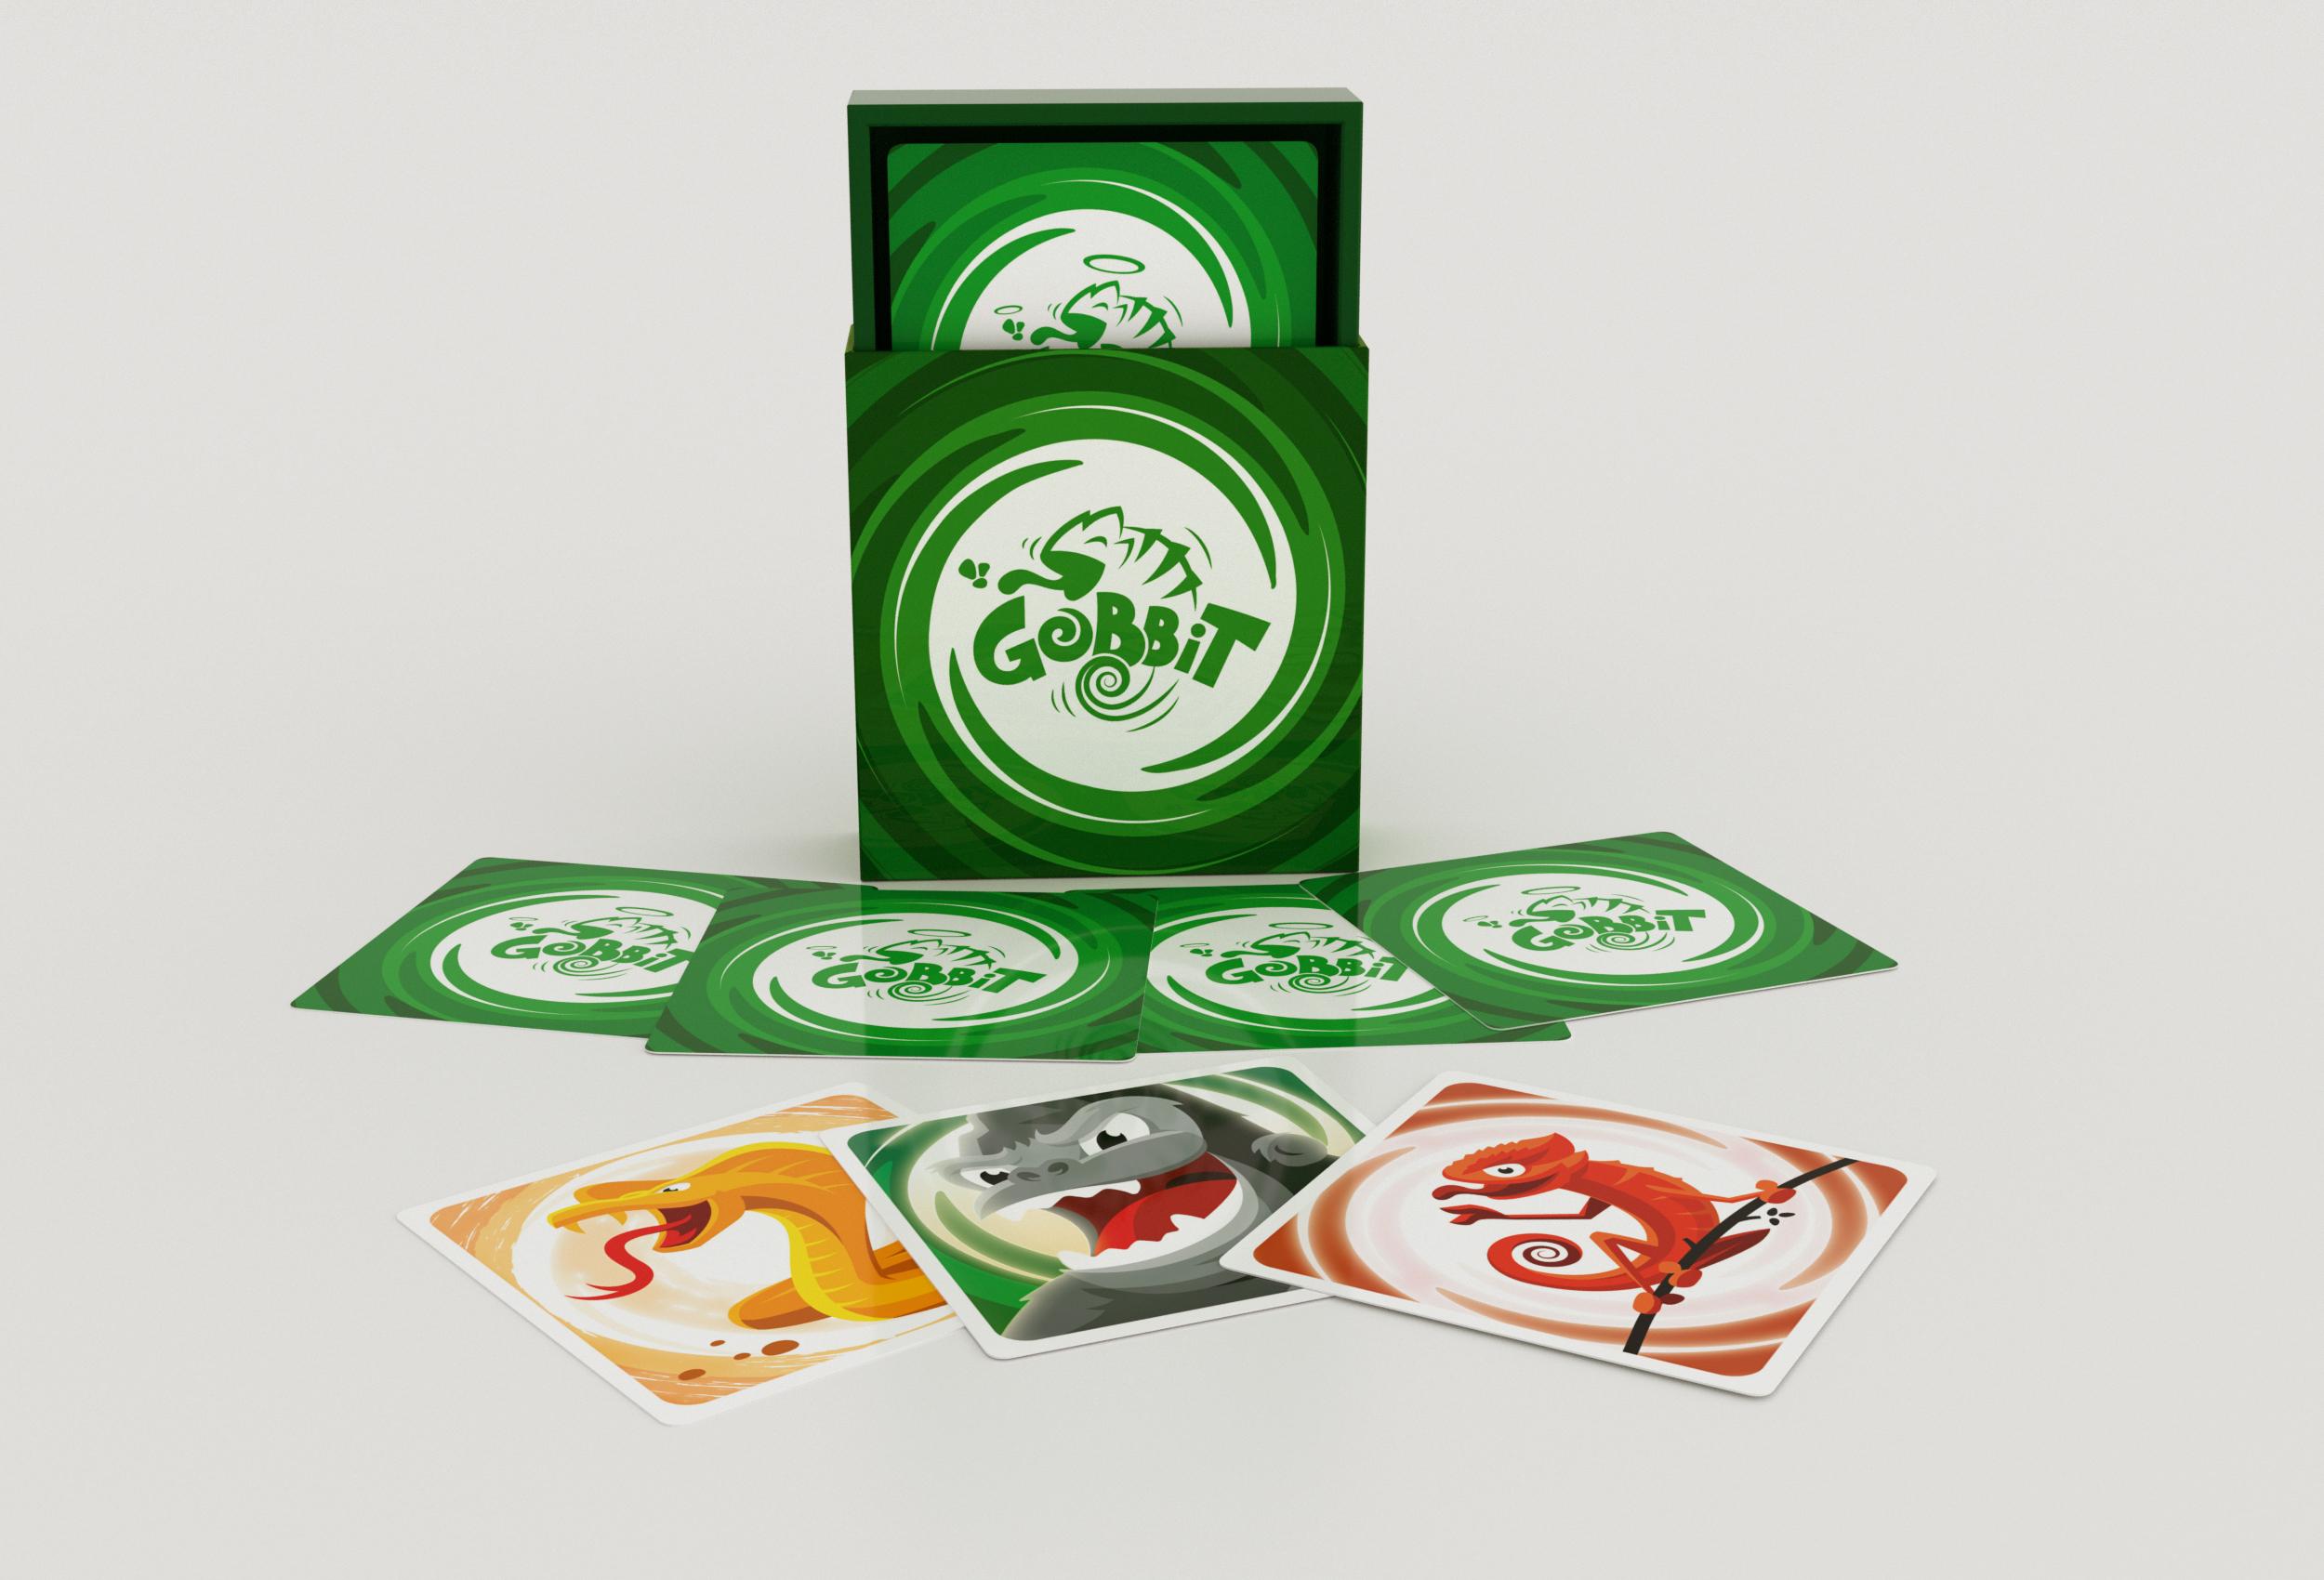 GOBBIT_MAGNET_BOX_CARDS_V1